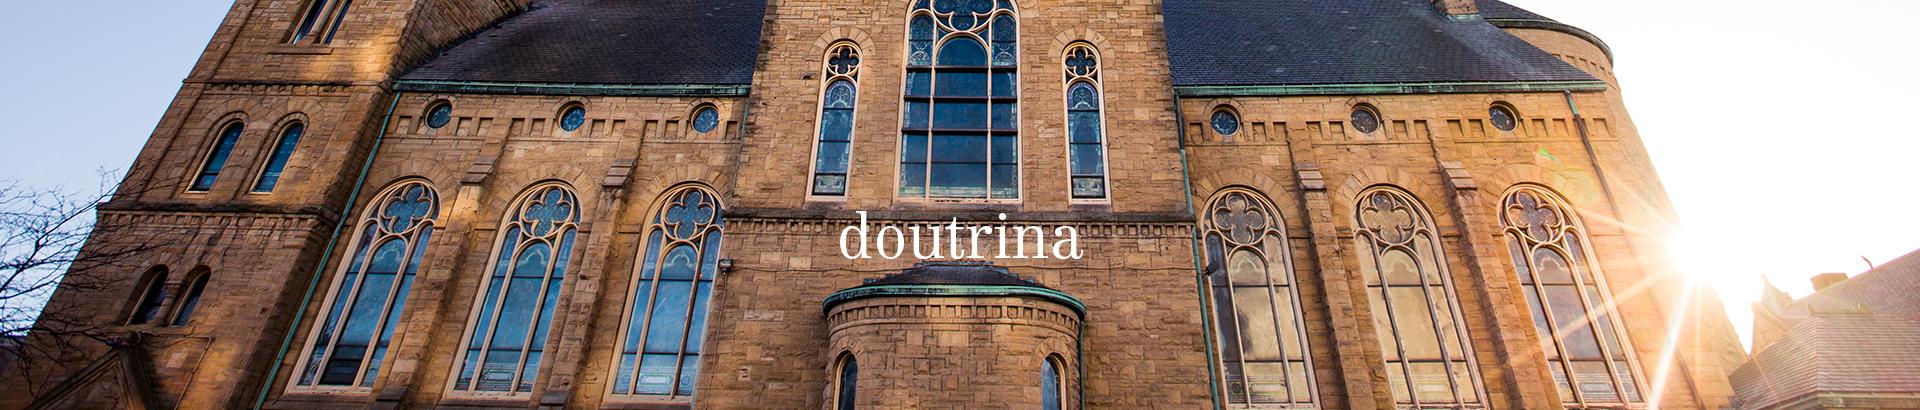 Doutrina